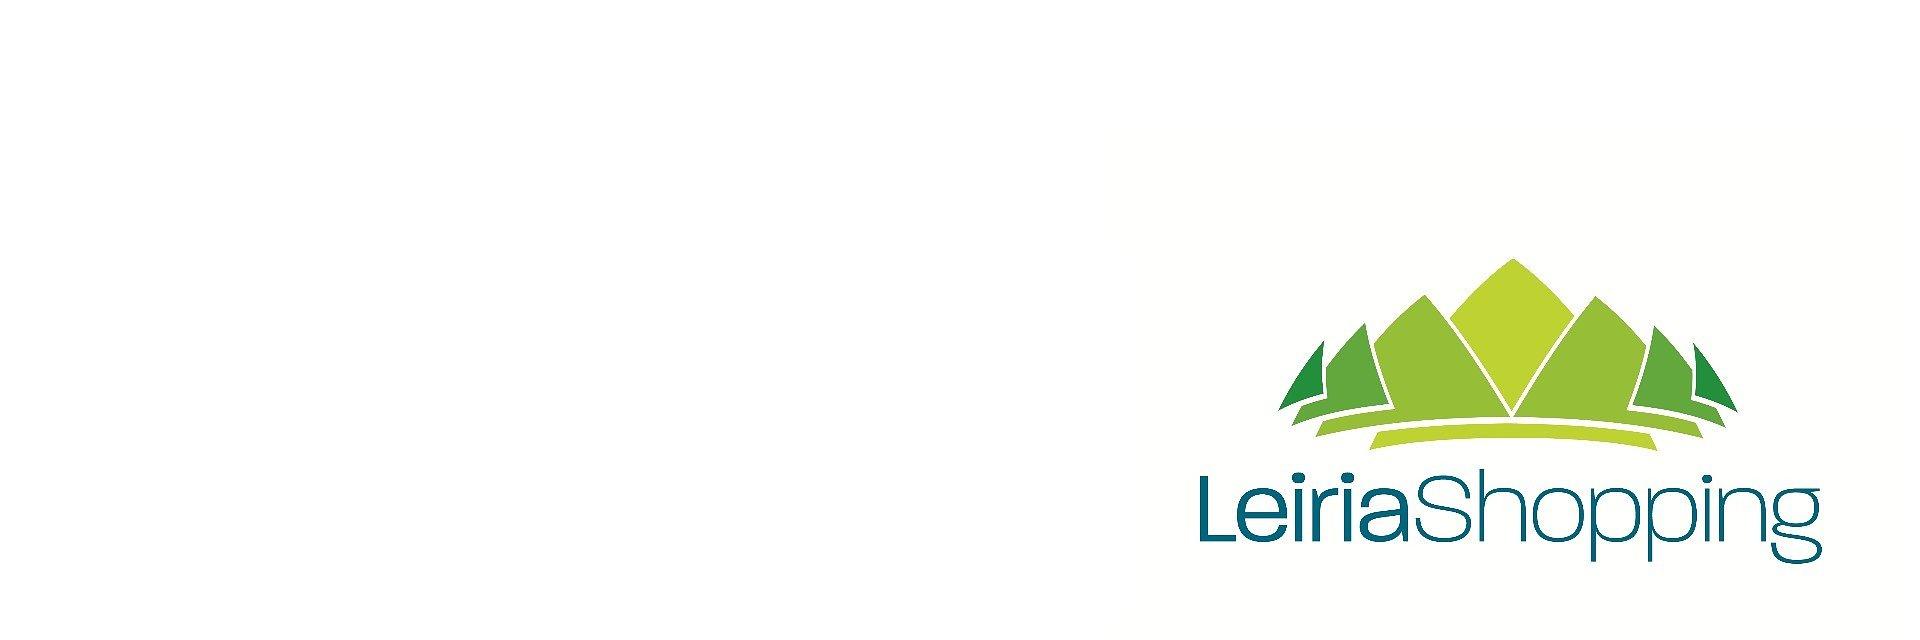 LeiriaShopping recebe certificação internacional